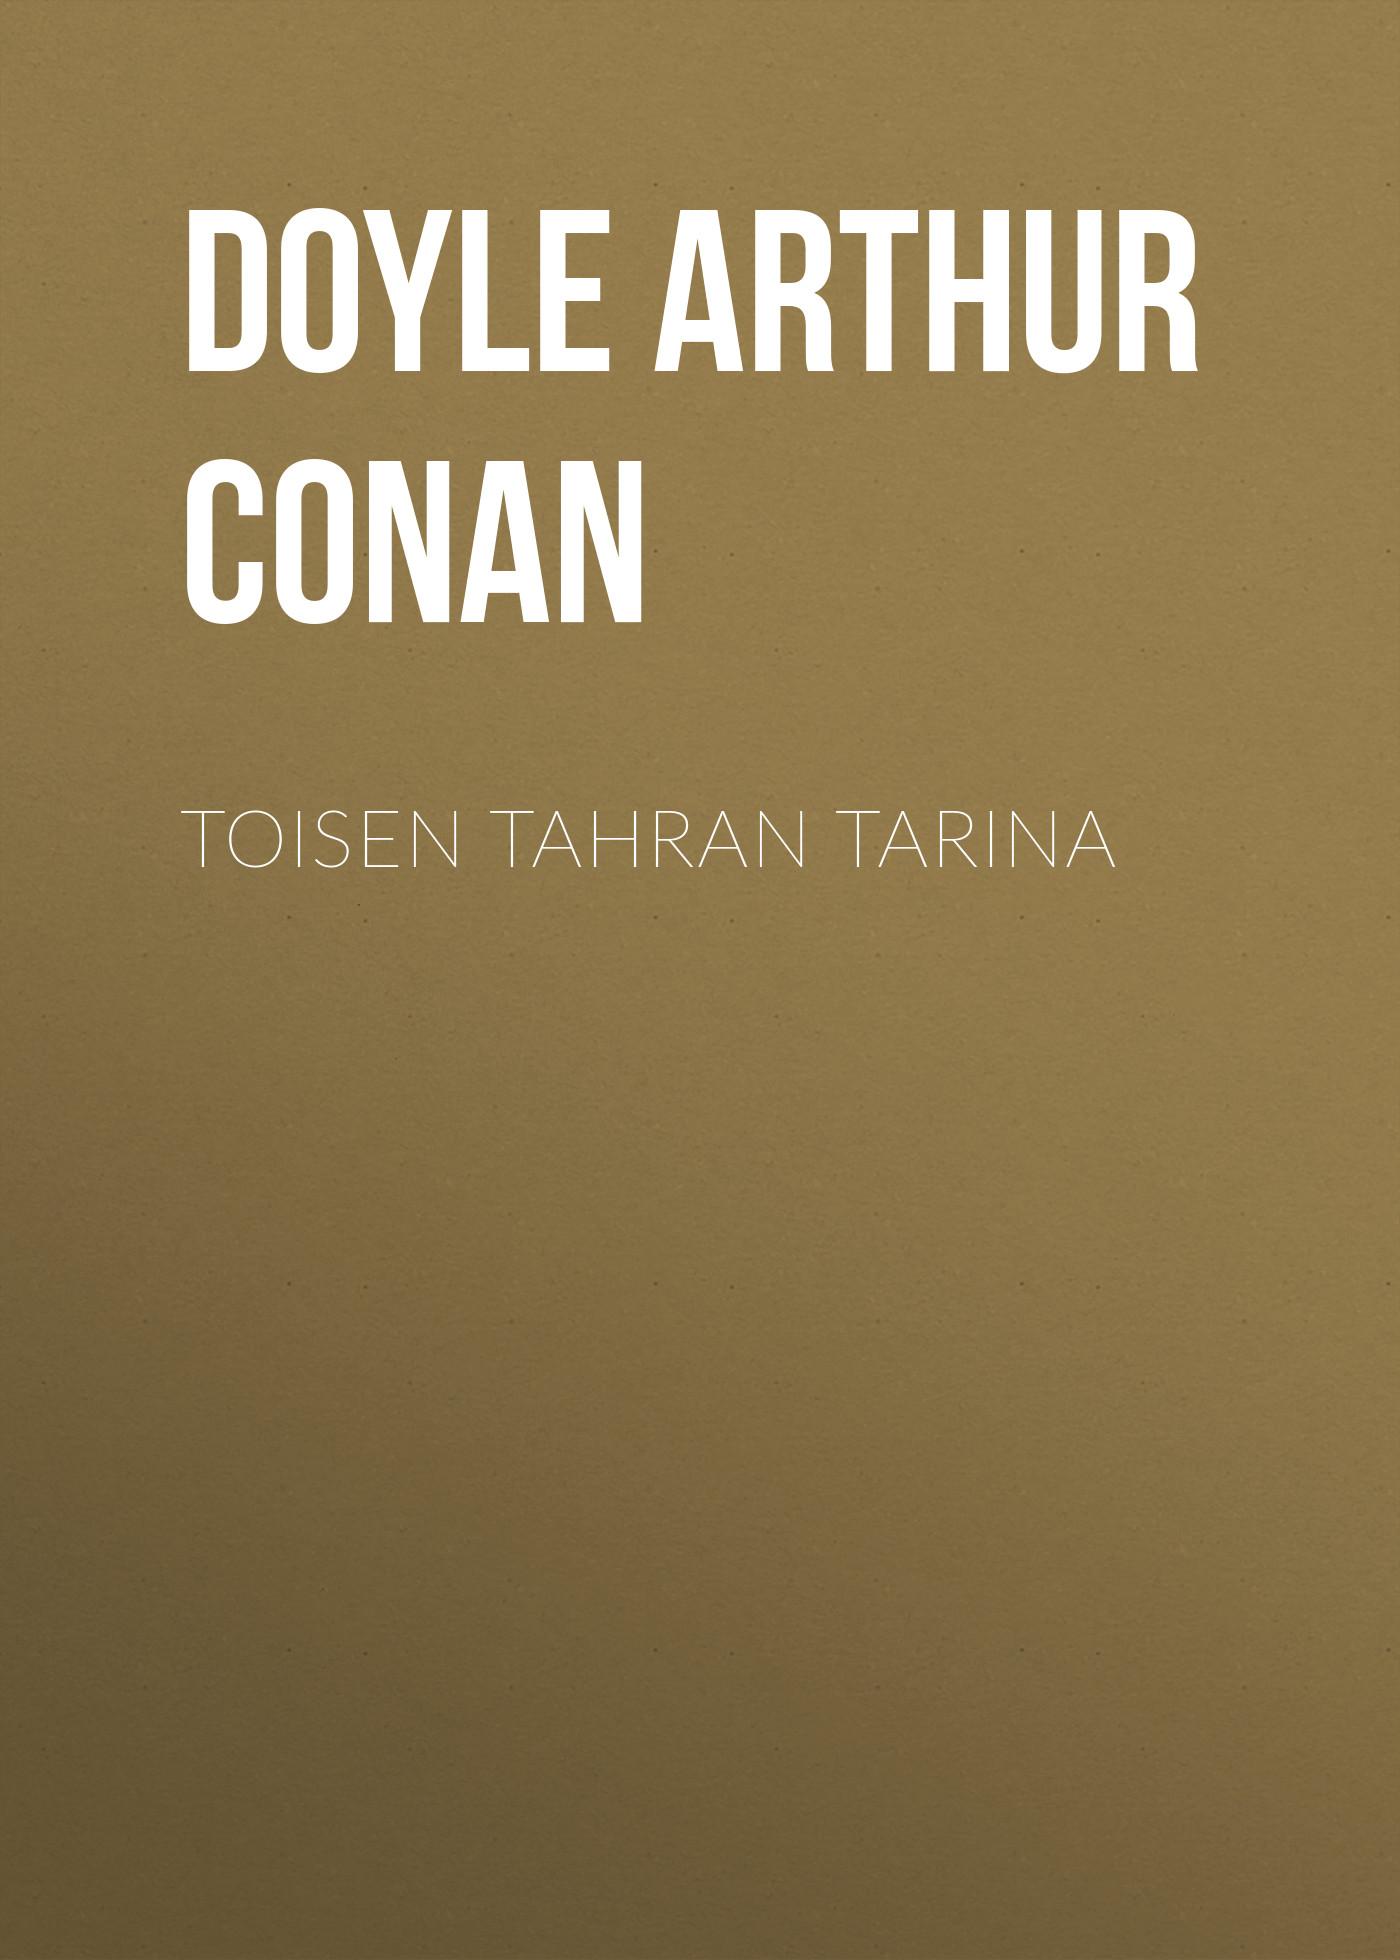 Doyle Arthur Conan Toisen tahran tarina doyle arthur conan el sabueso de los baskerville